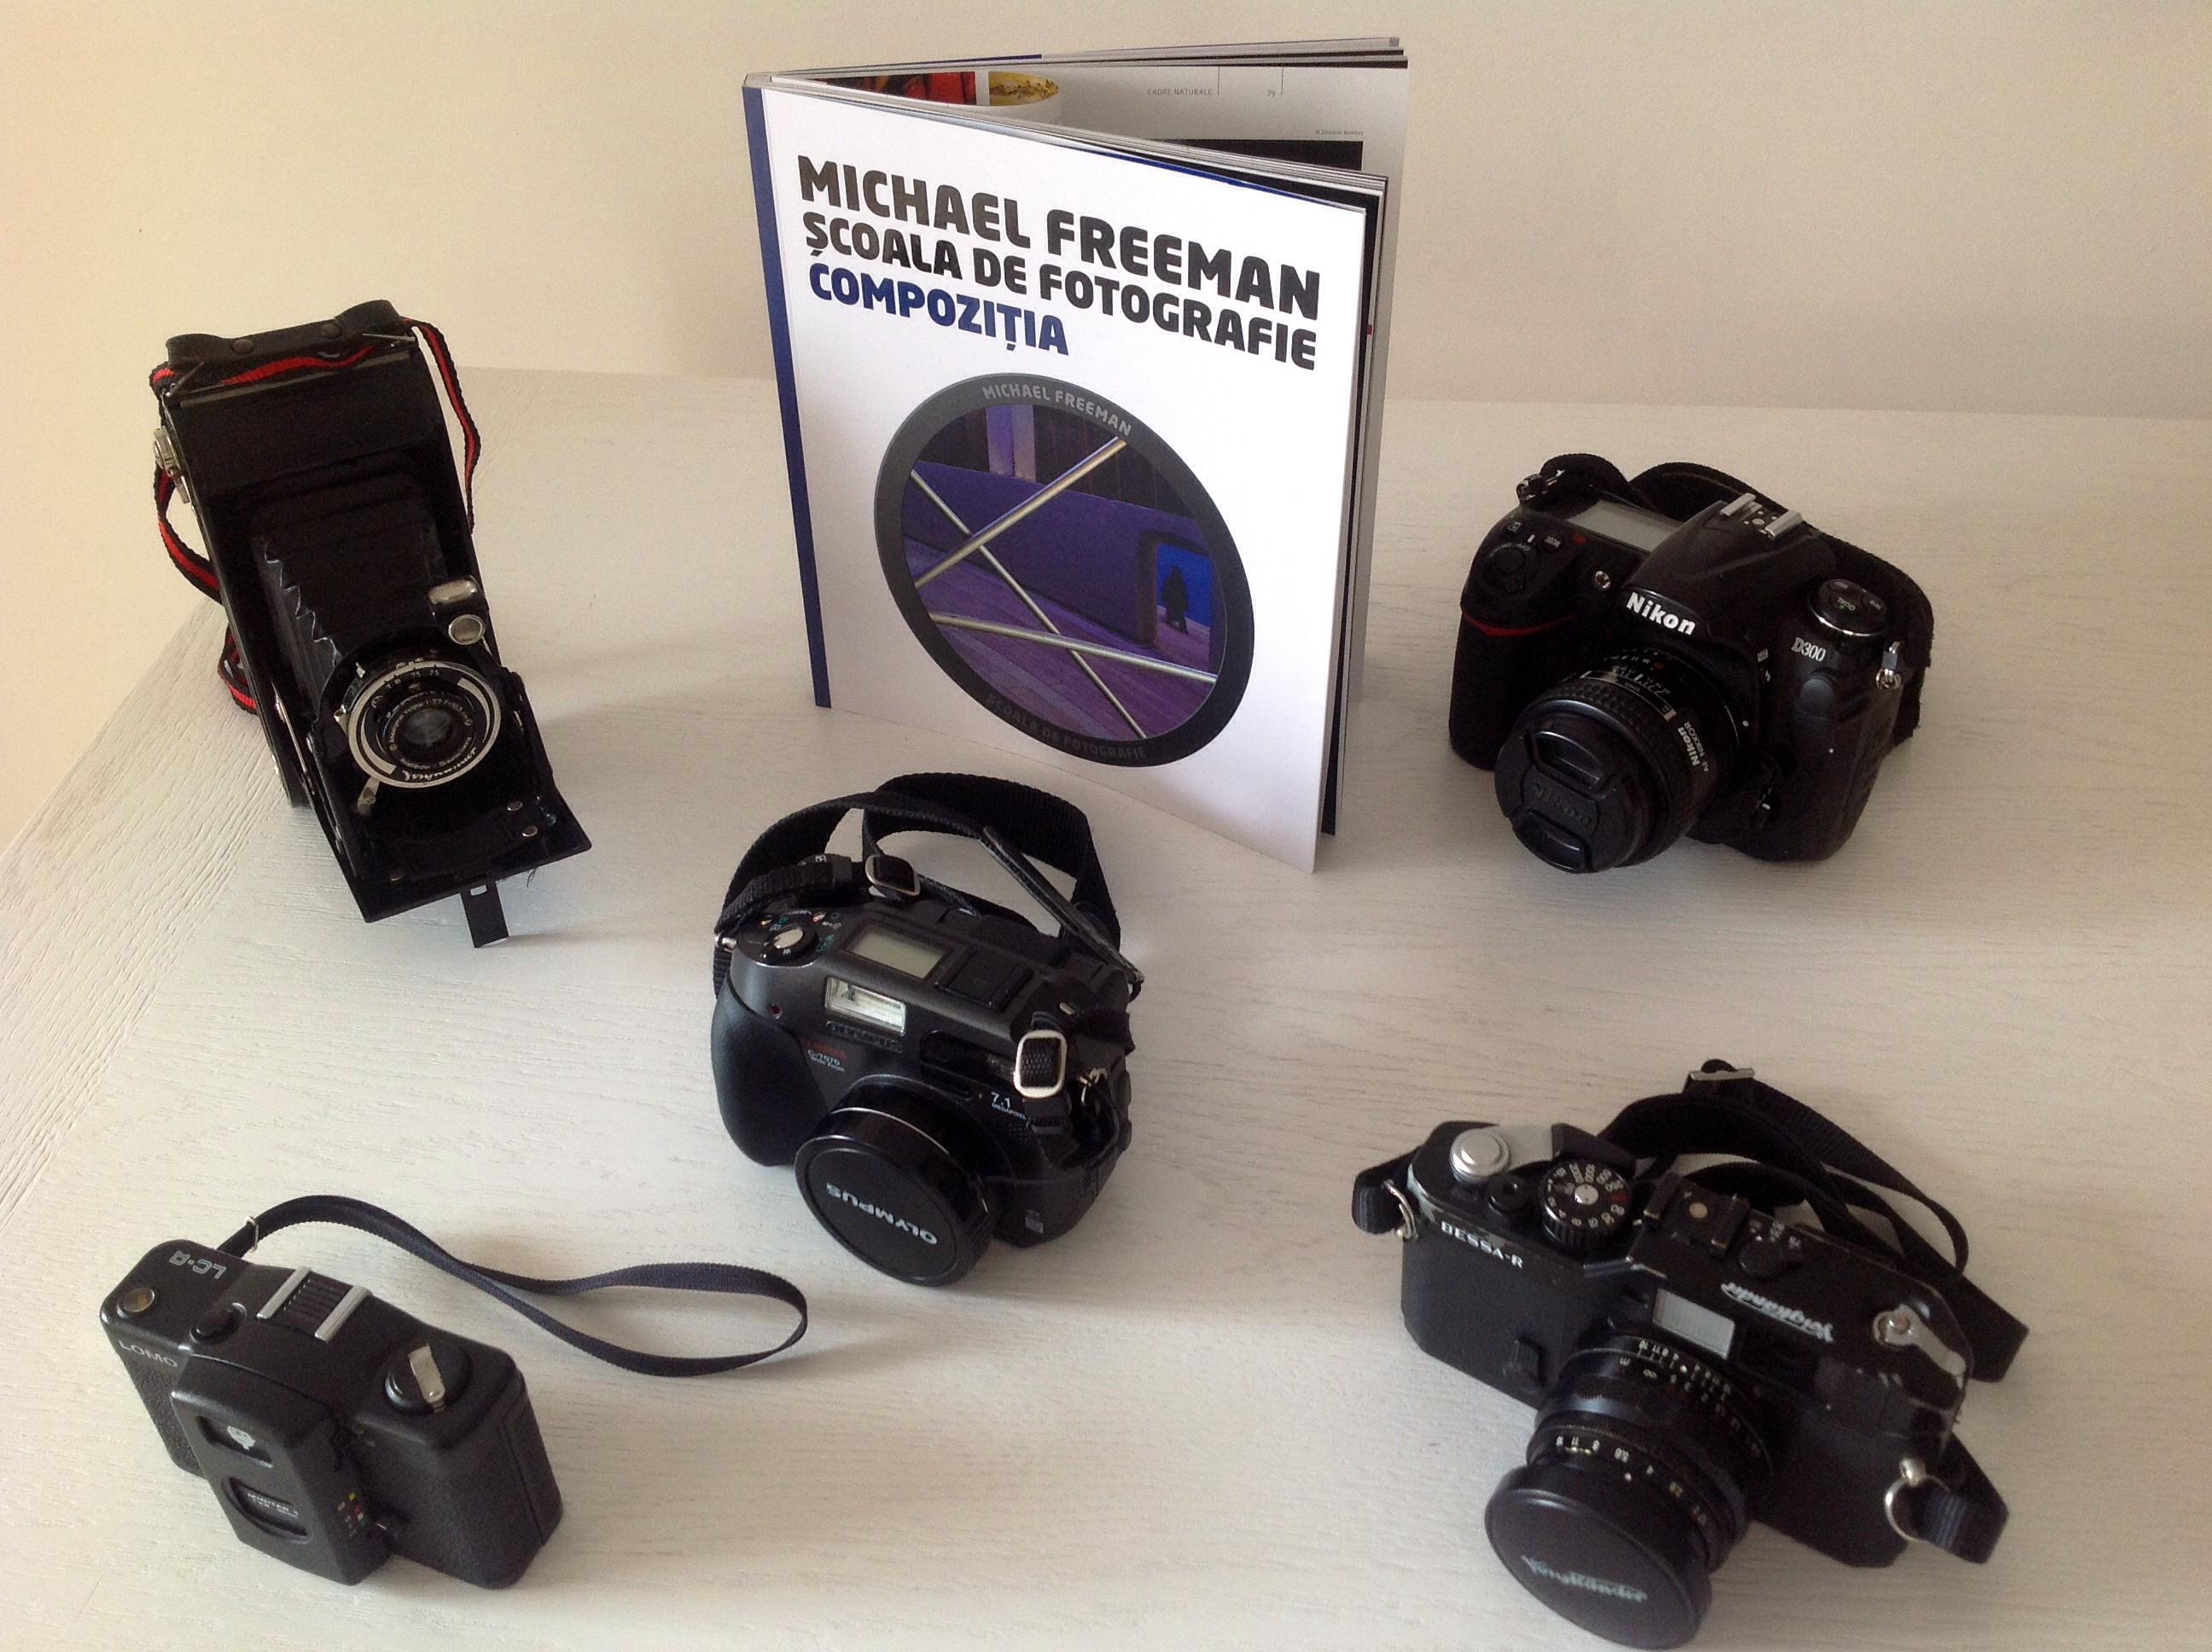 Școala de fotografie – COMPOZITIA, de Michael Freeman